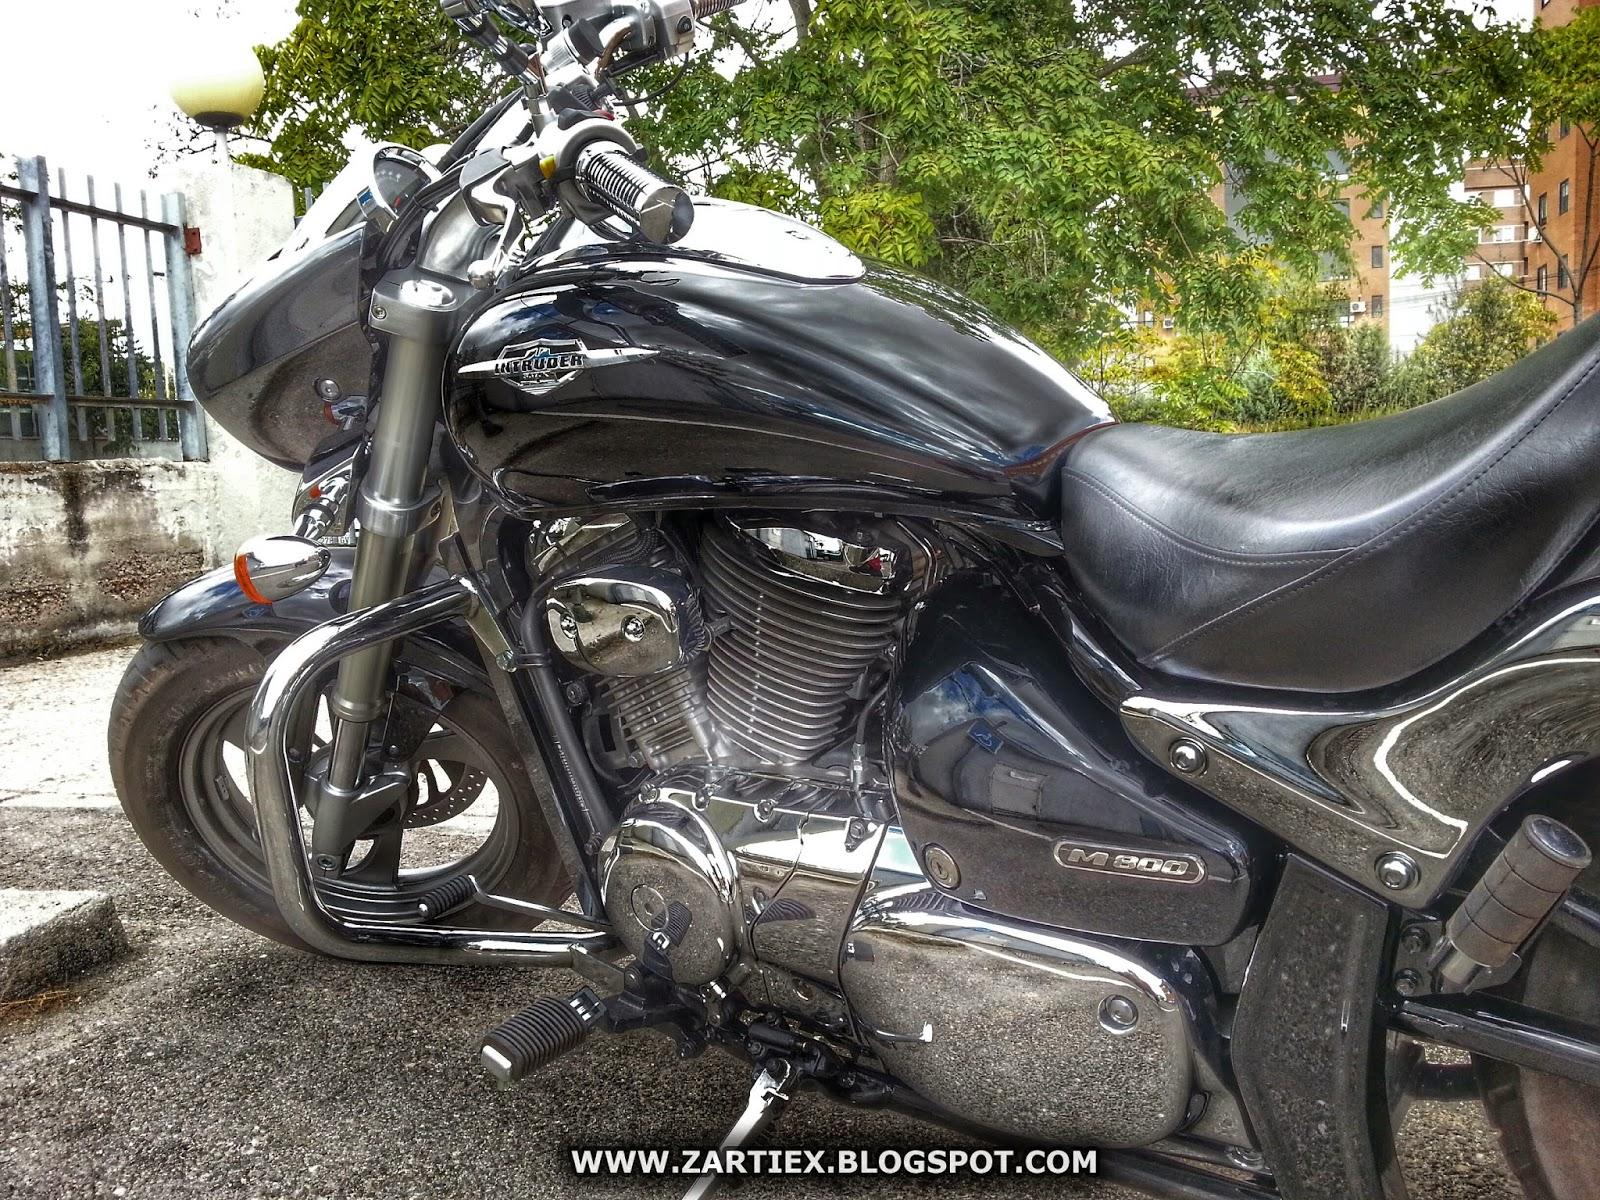 Fotografias de motos impresionantes Zartiex